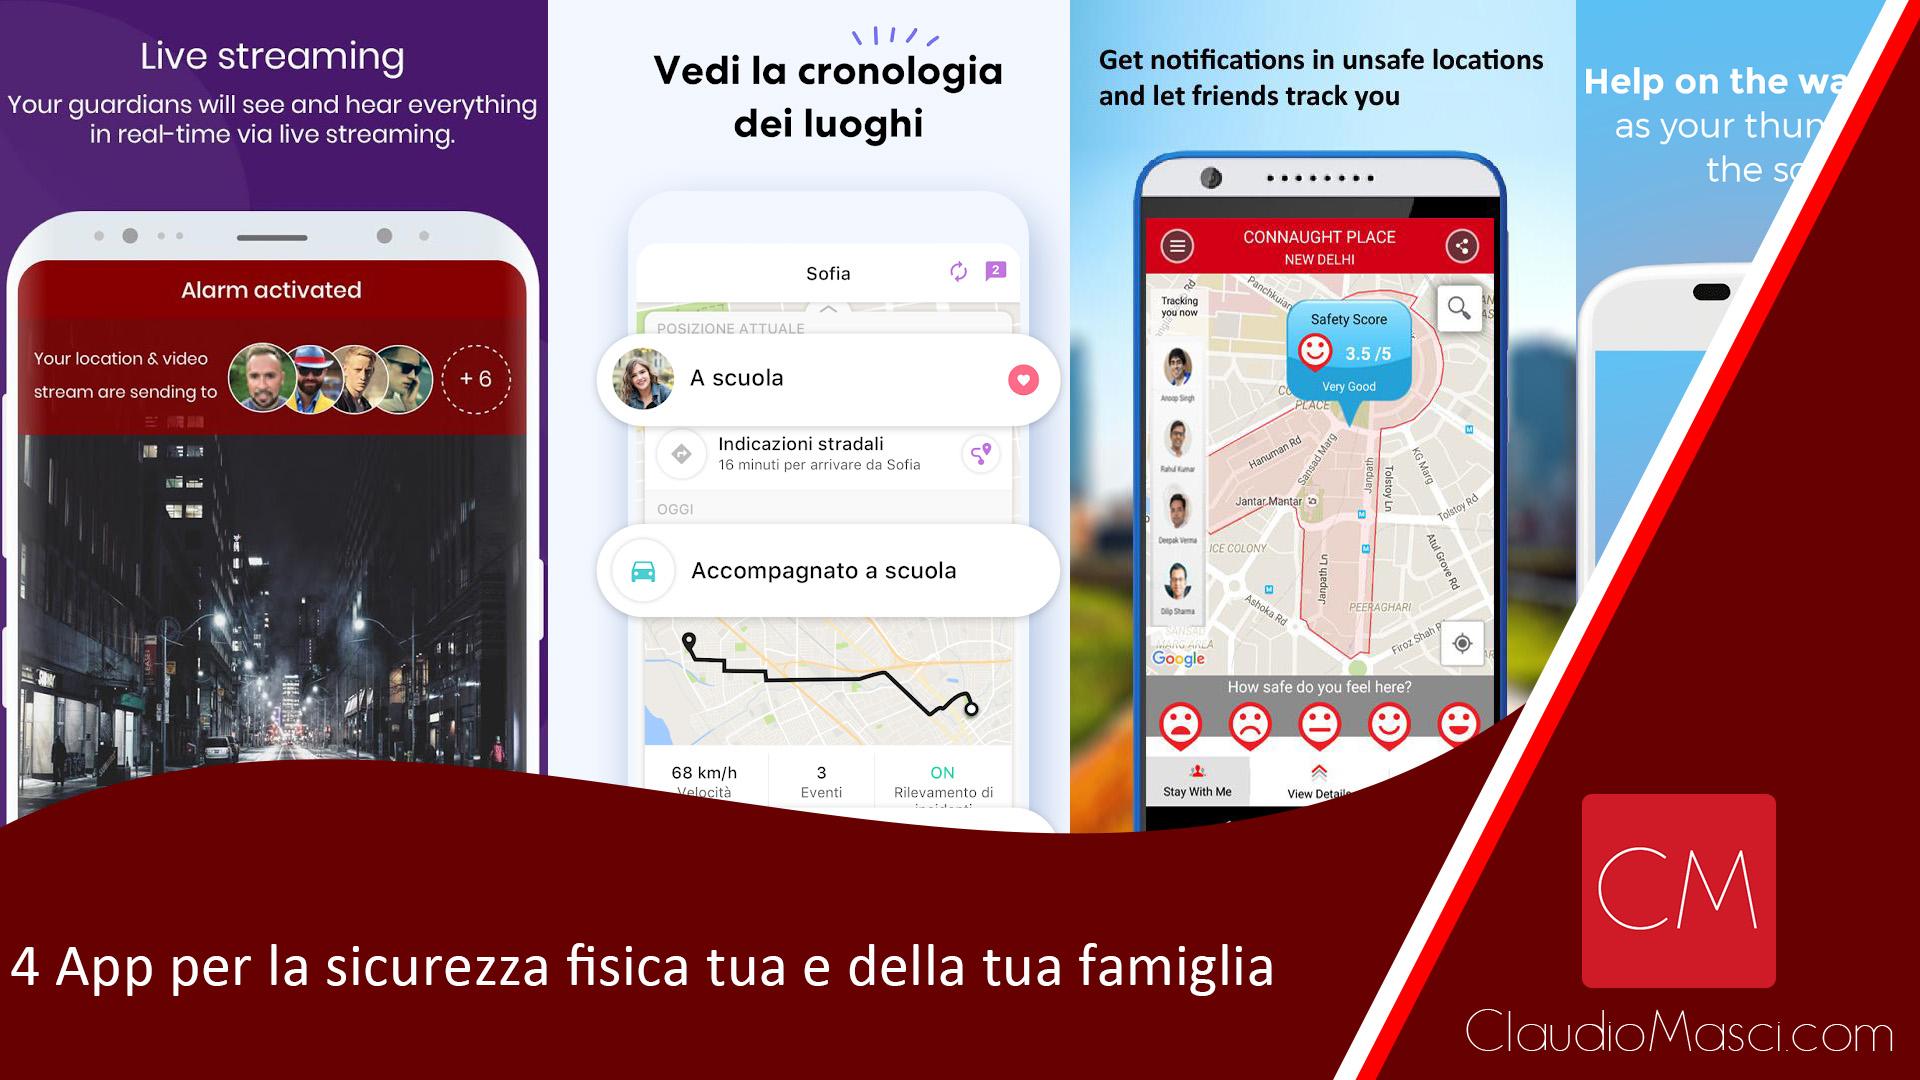 4 App per la sicurezza fisica tua e della tua famiglia